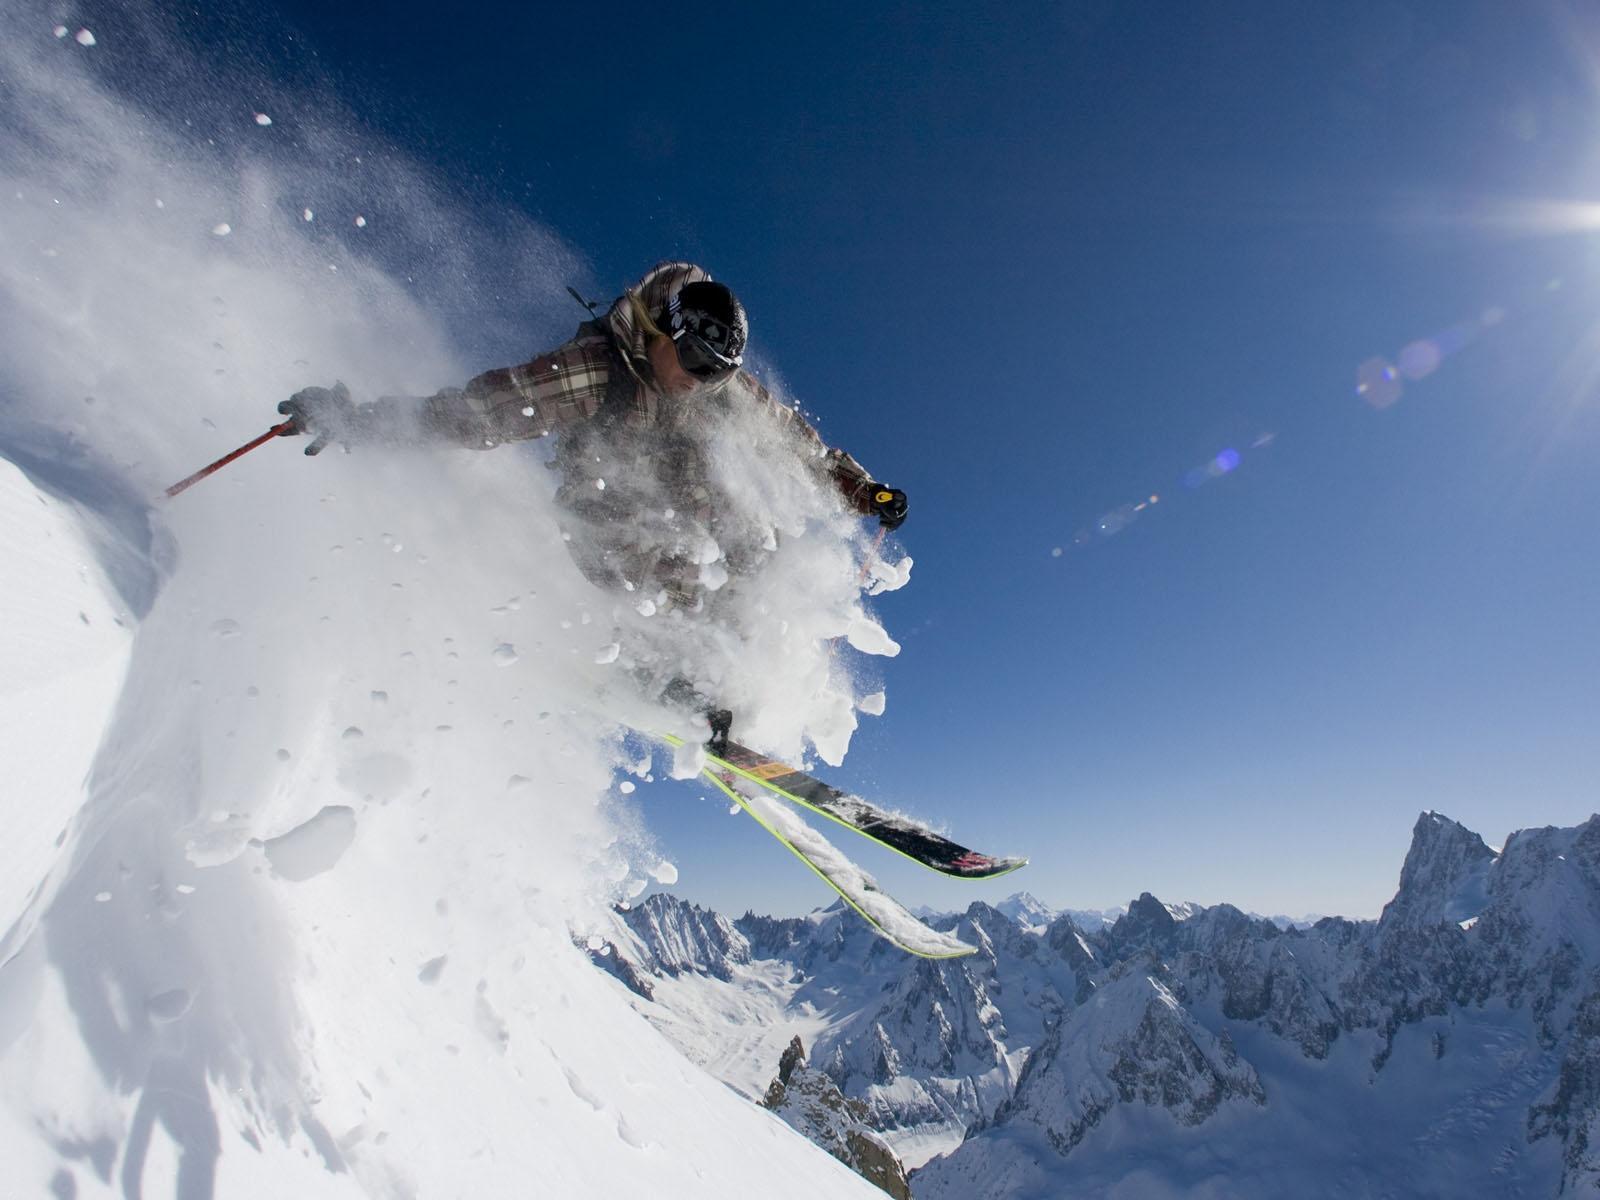 skiing computer wallpaper photos 53334